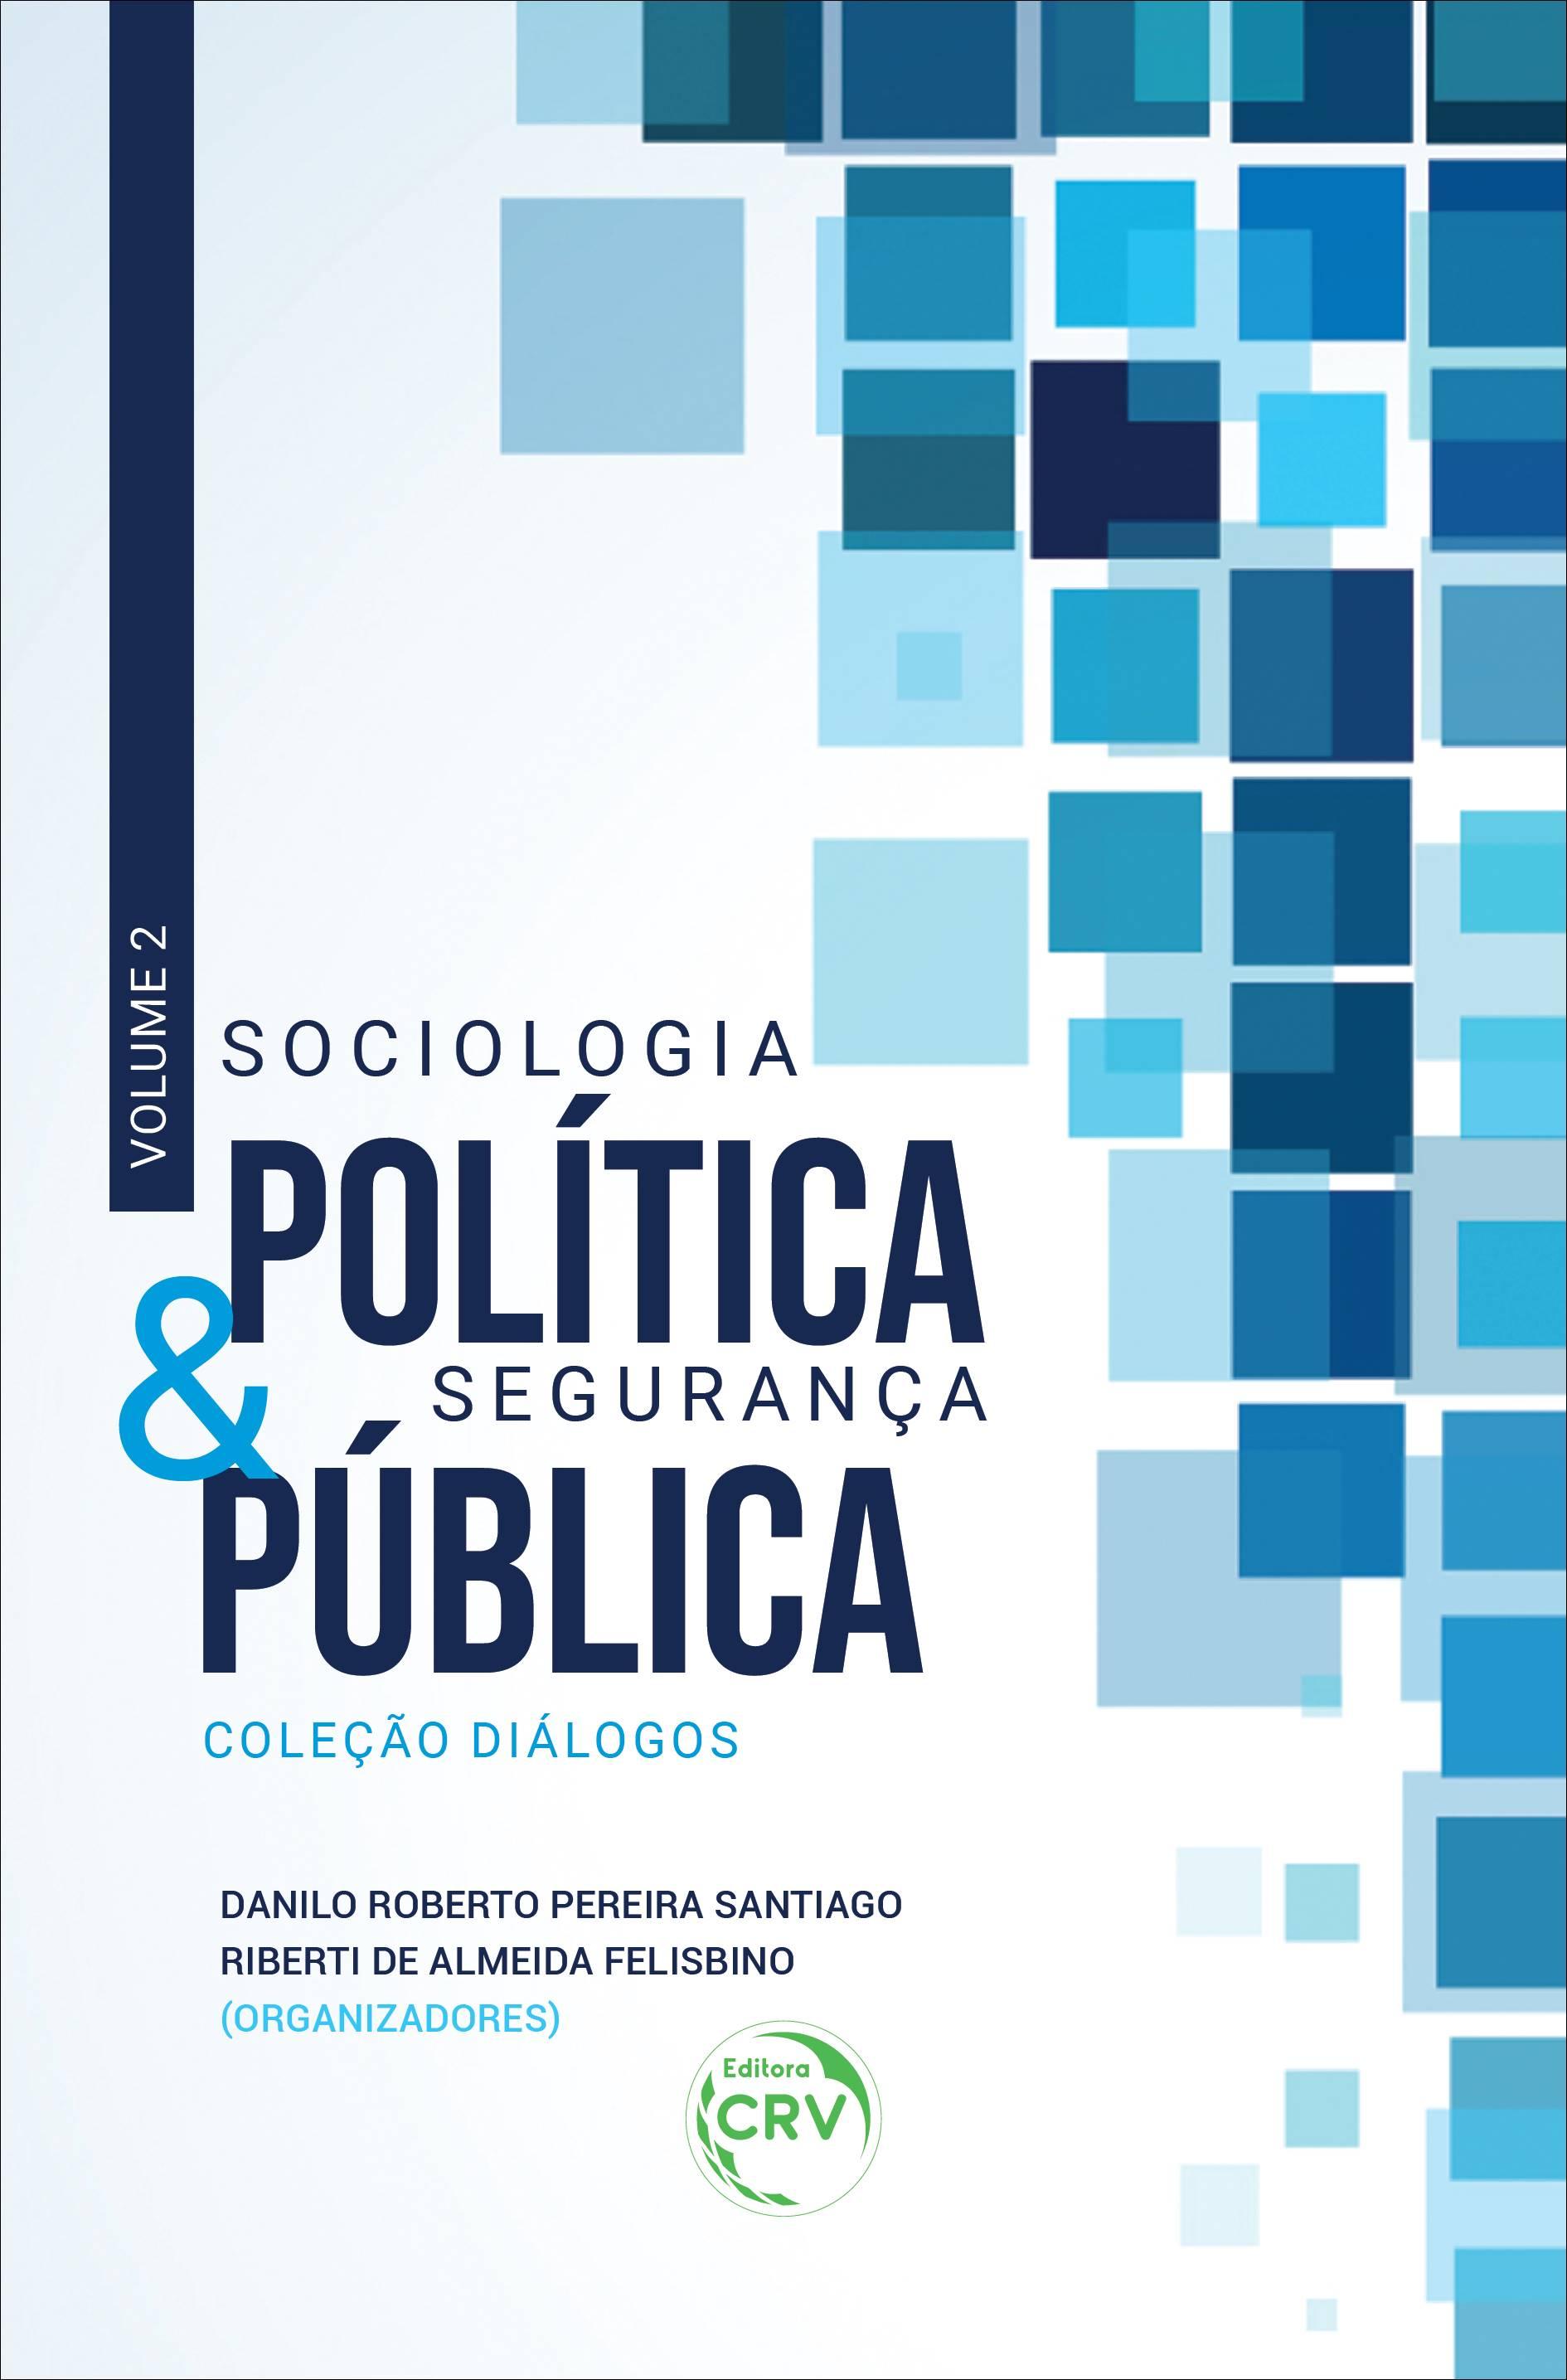 Capa do livro: SOCIOLOGIA POLÍTICA & SEGURANÇA PÚBLICA <br>Coleção Diálogos Volume 2